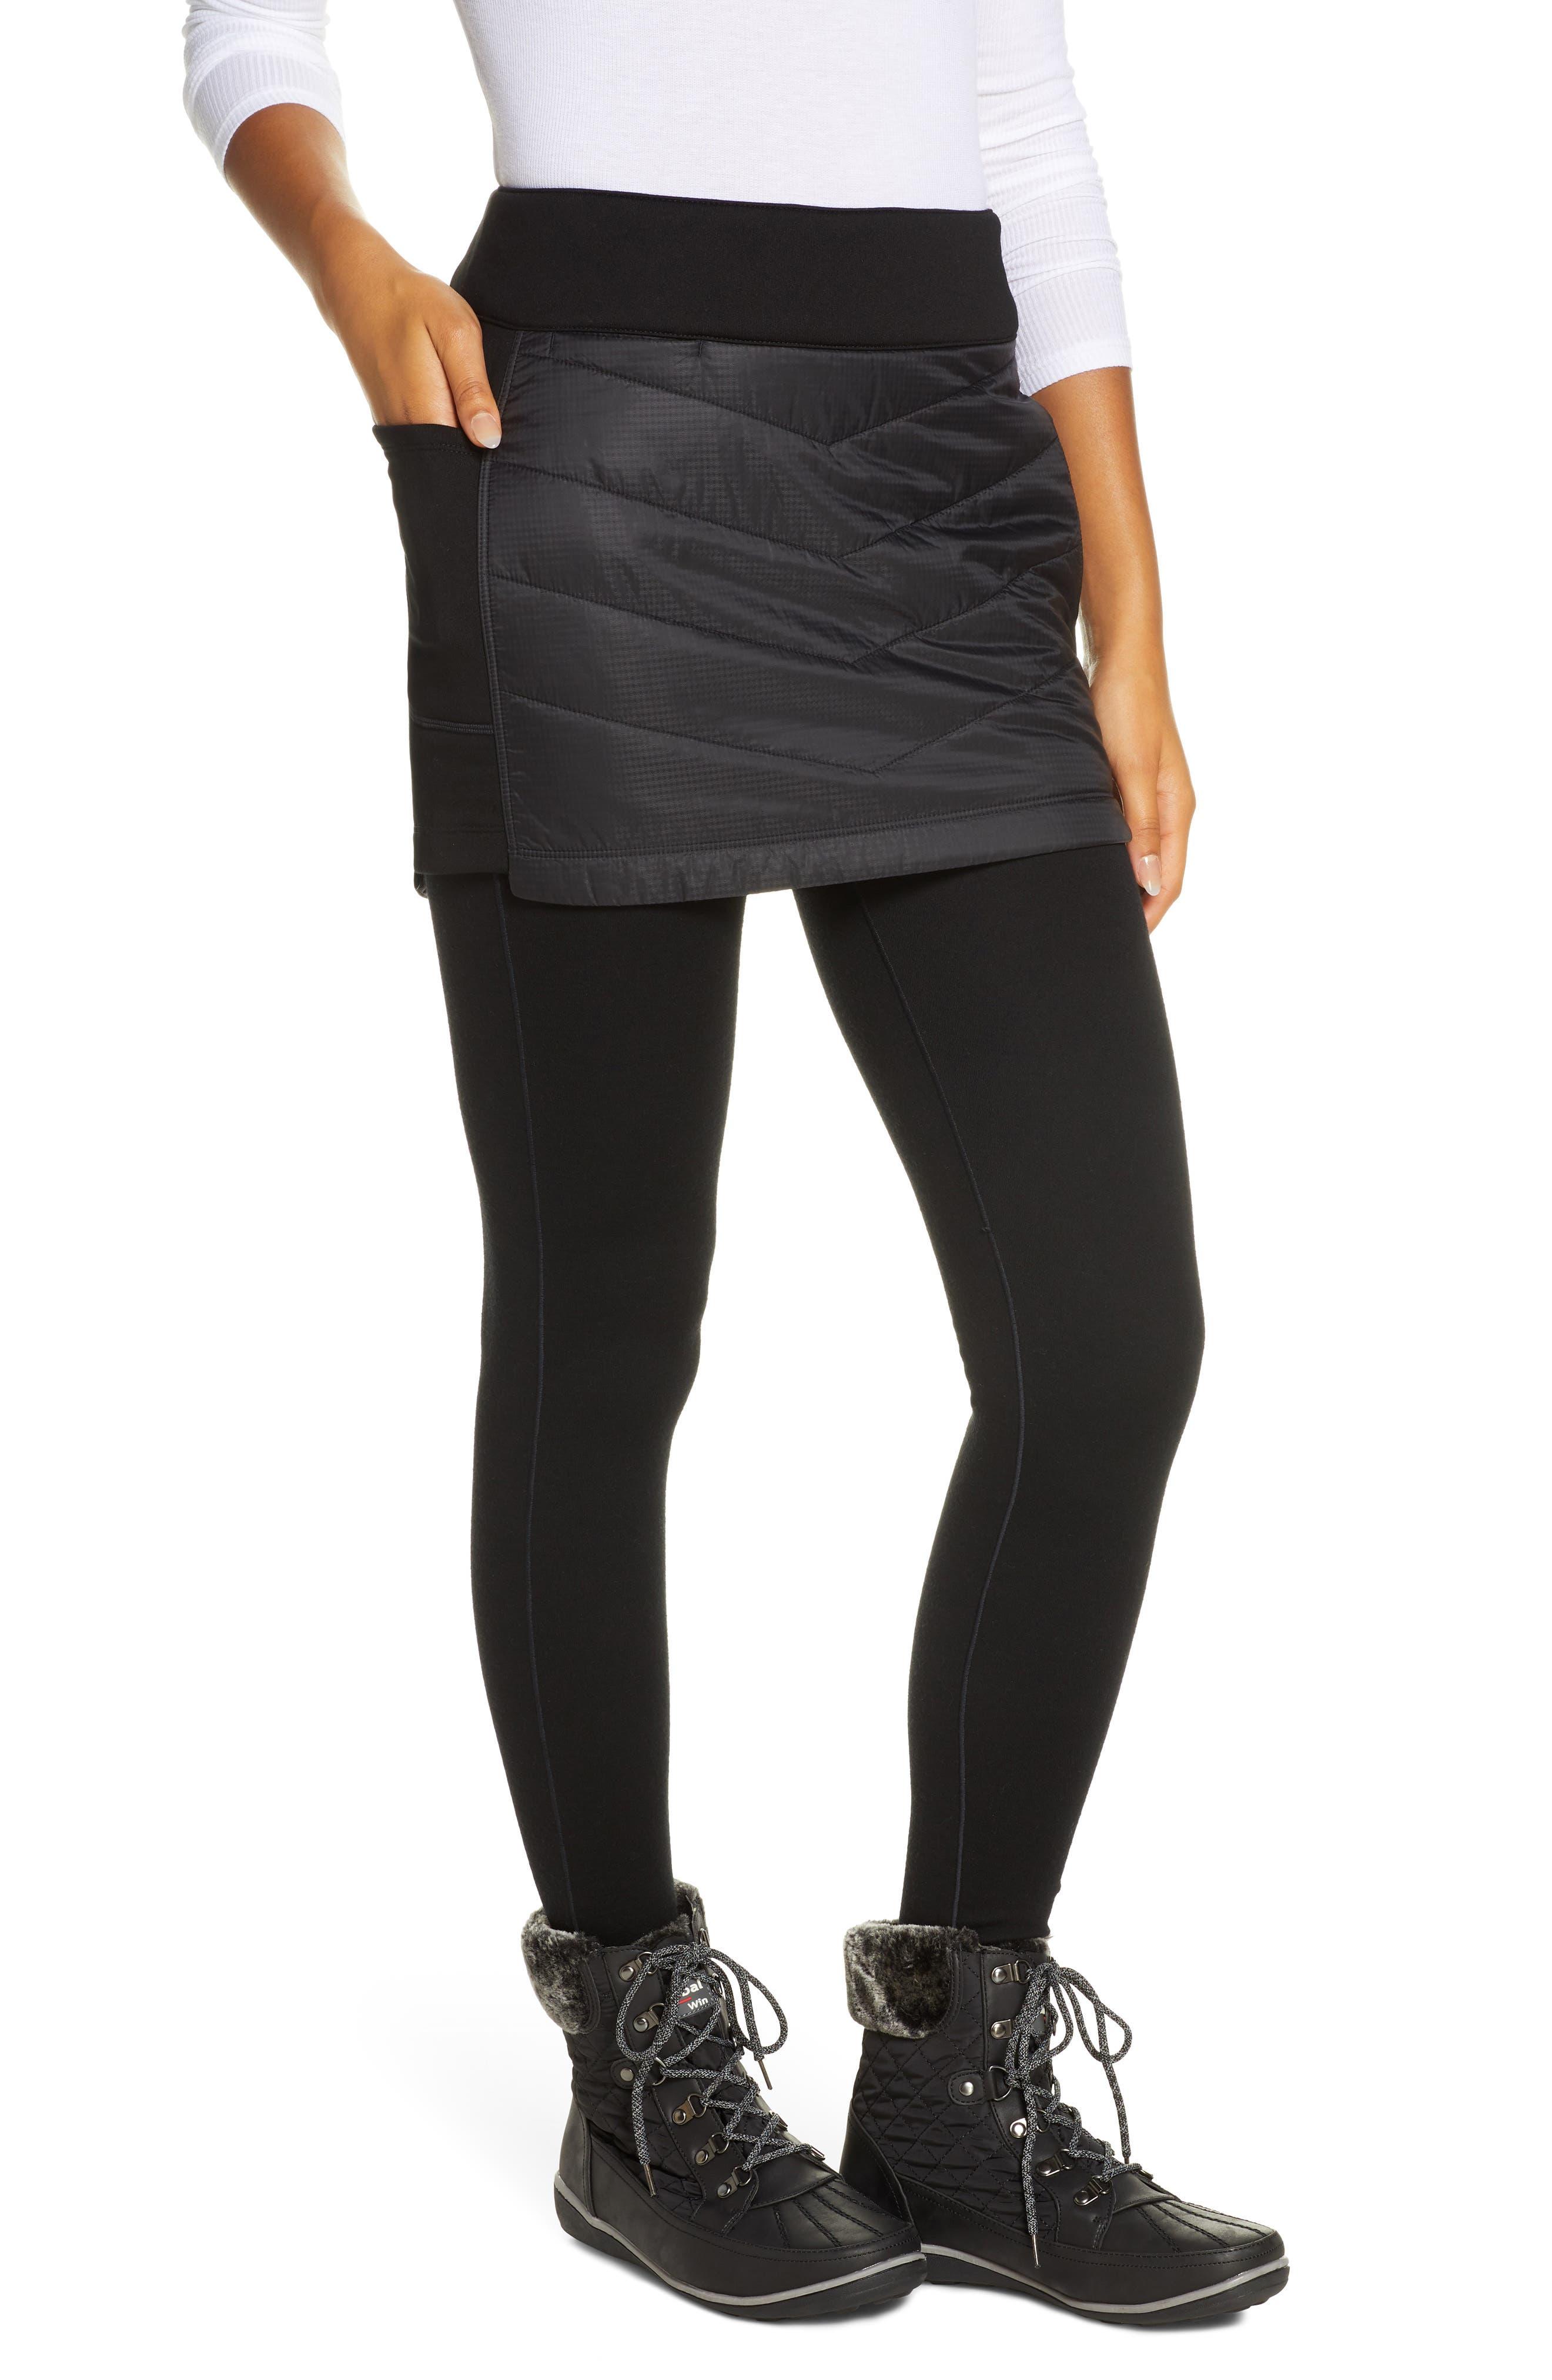 Smartwool Smartloft 60 Quilted Skirt